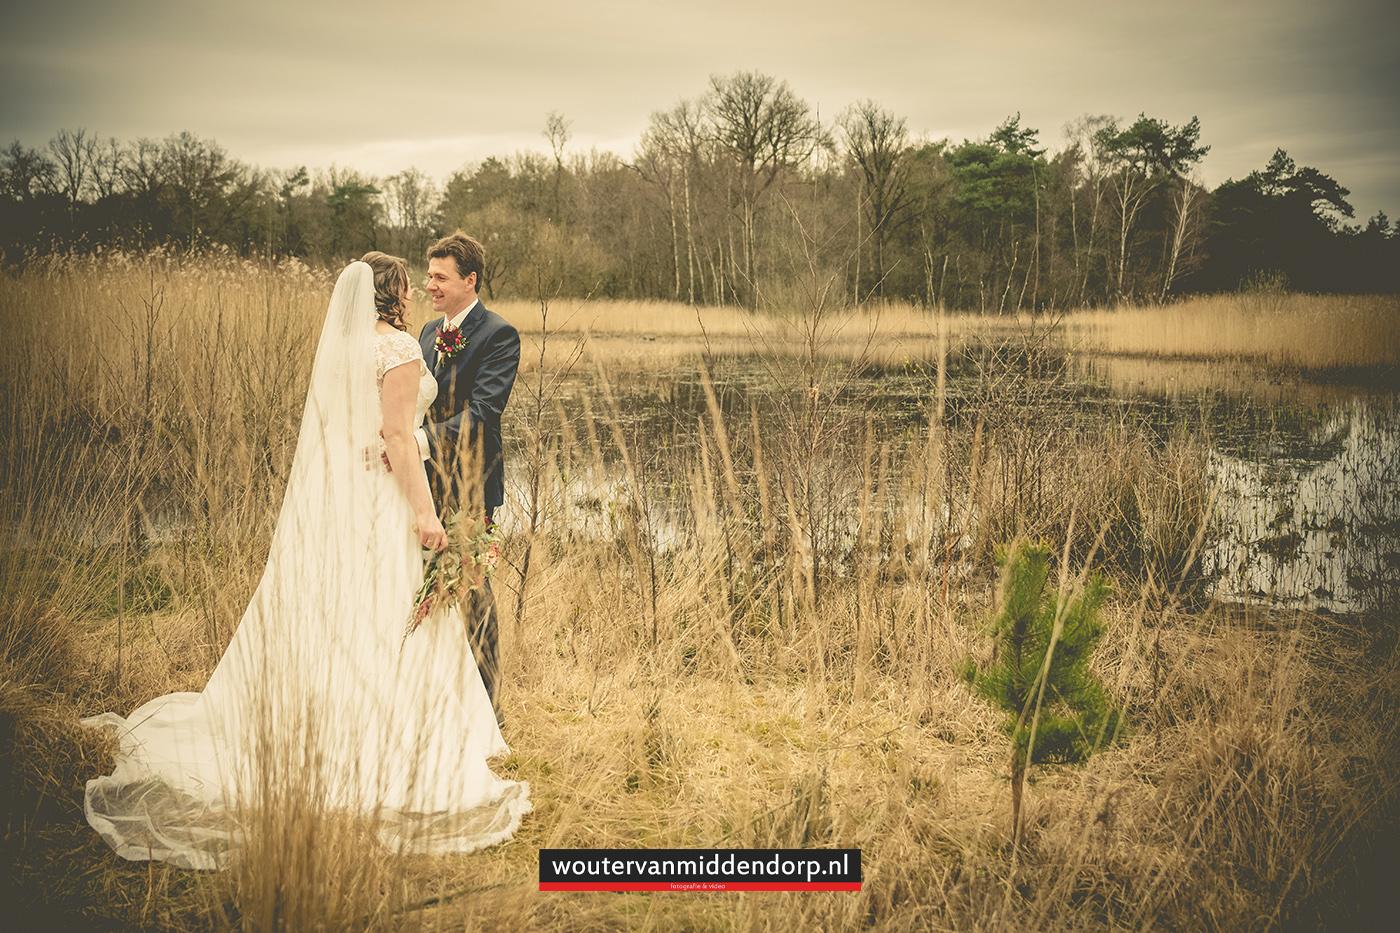 bruidsfotografie Wouter van Middendorp Uddel omgeving Hoevelaken, Barneveld, Nijkerk 1